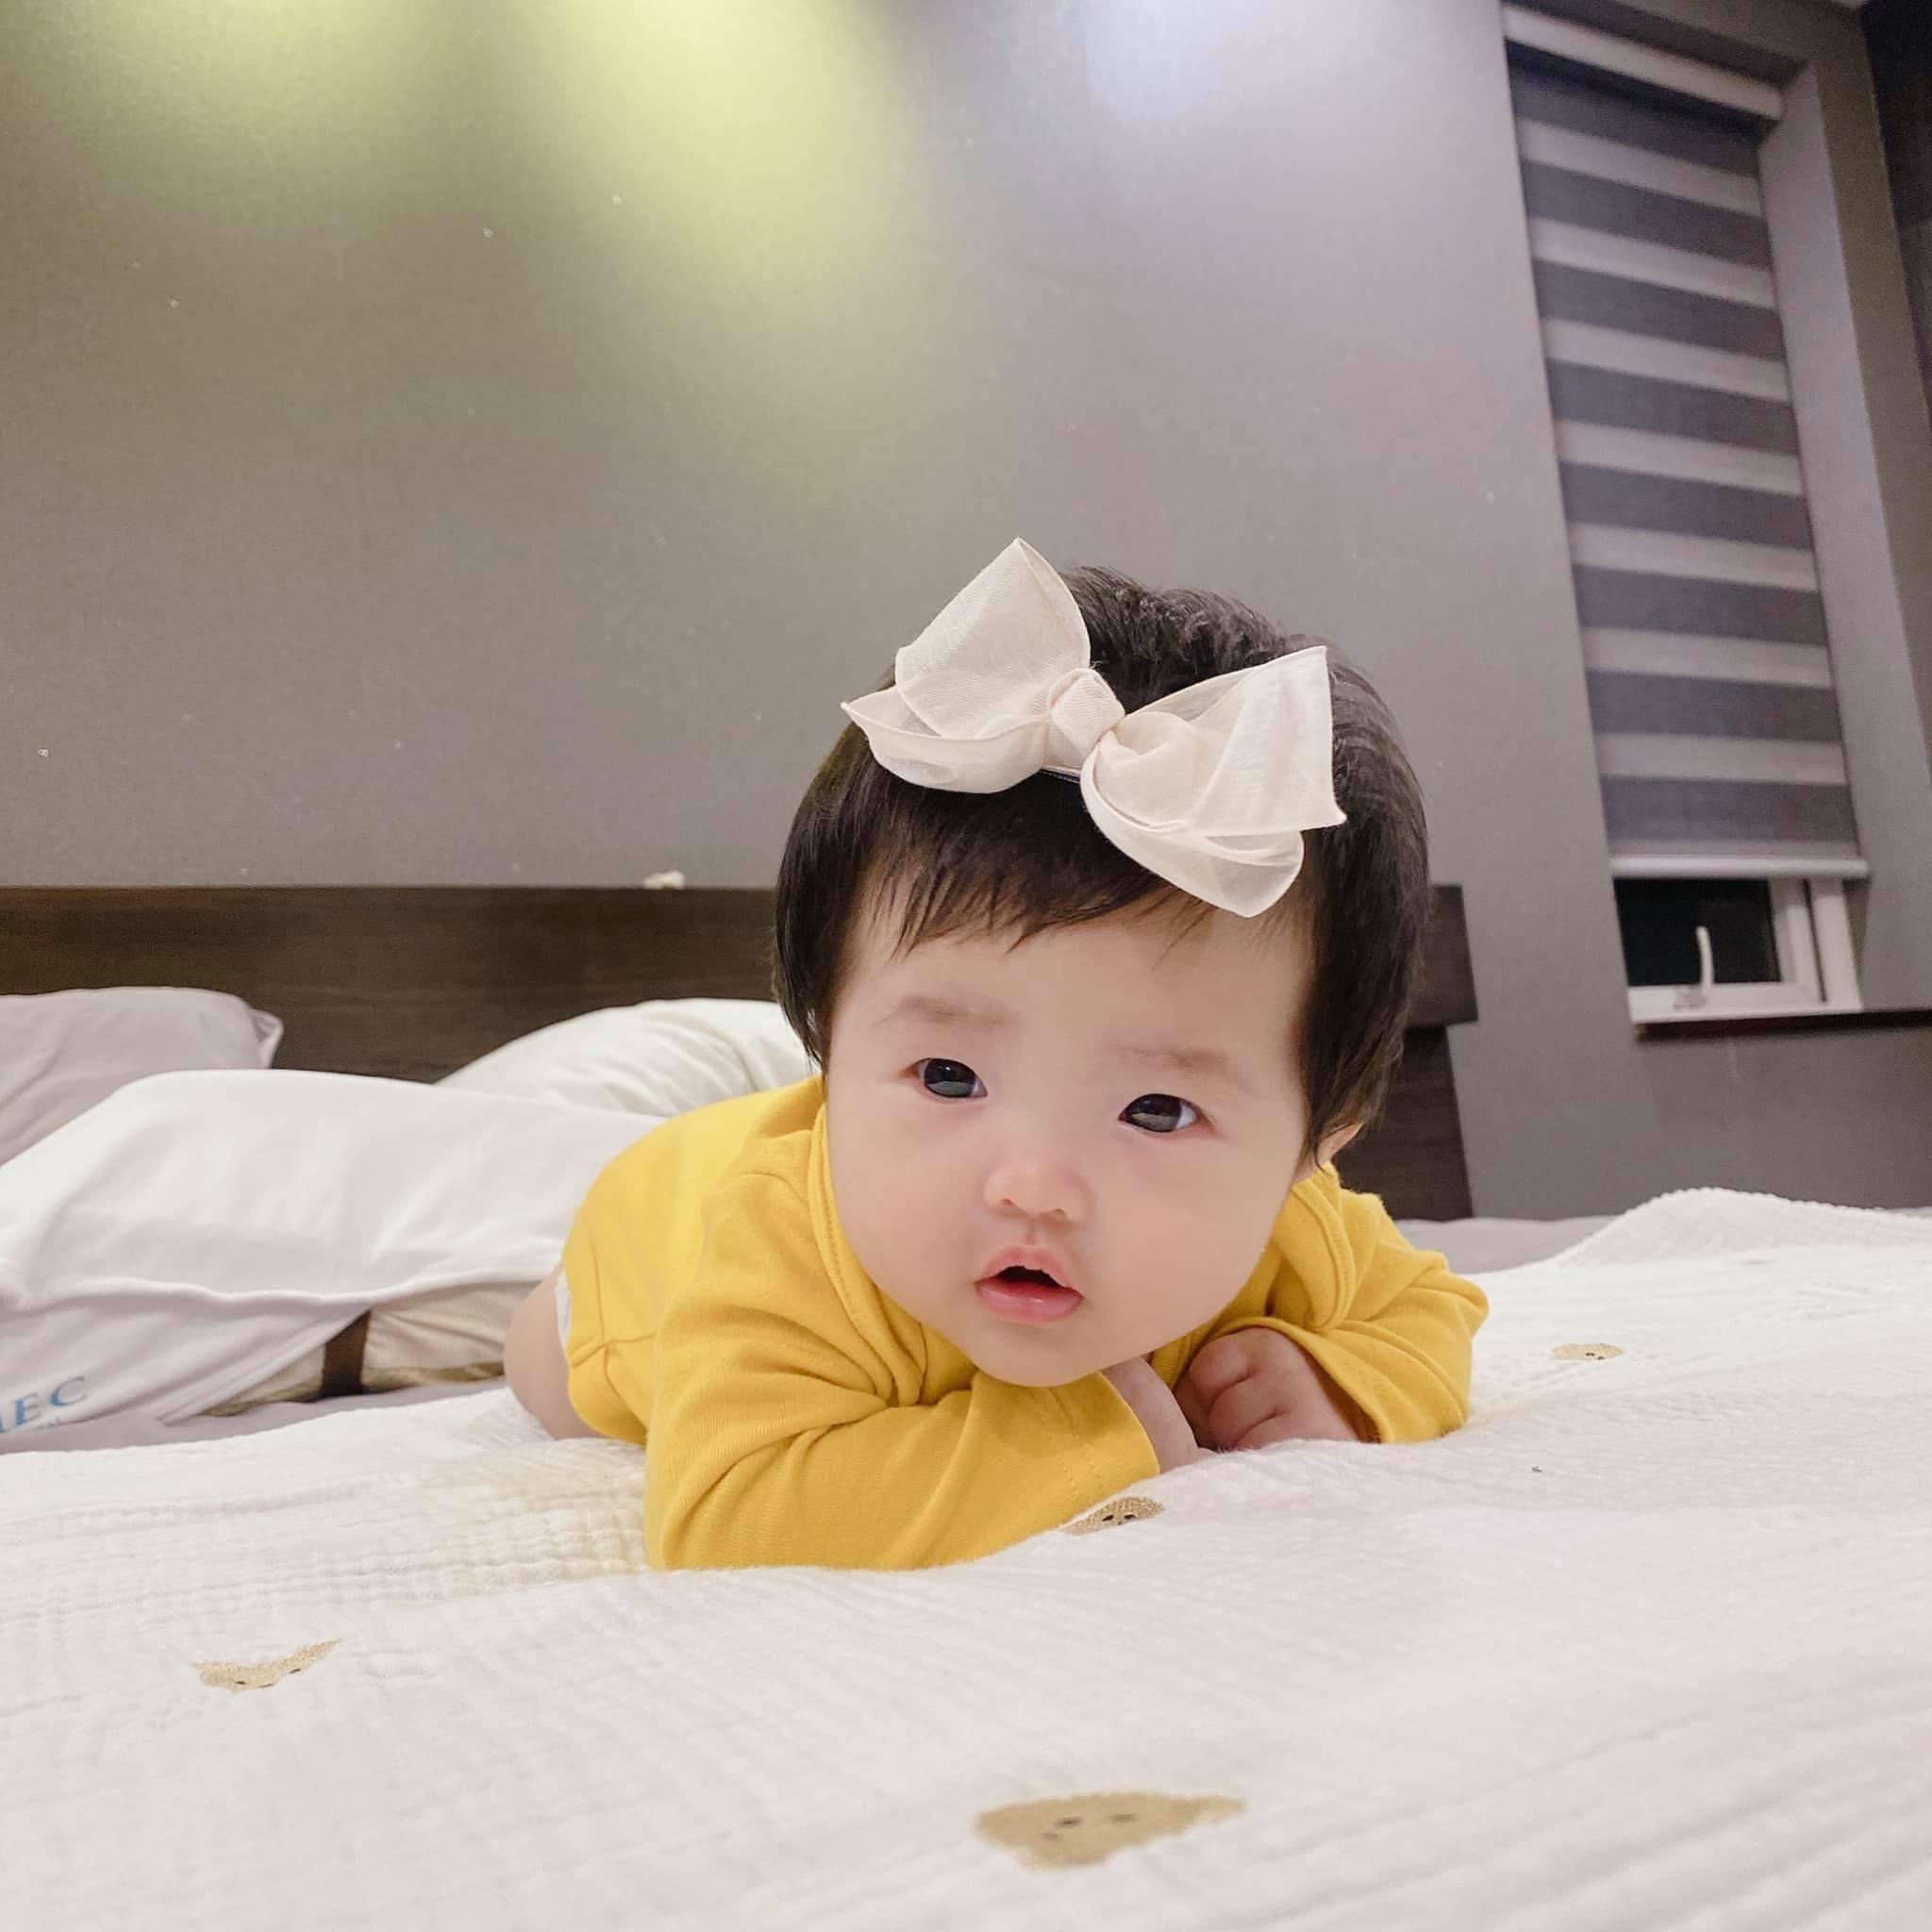 Đông Nhi đăng loạt ảnh cận cảnh con gái, dân mạng: Đích thị là 'đẻ thuê' rồi!-2